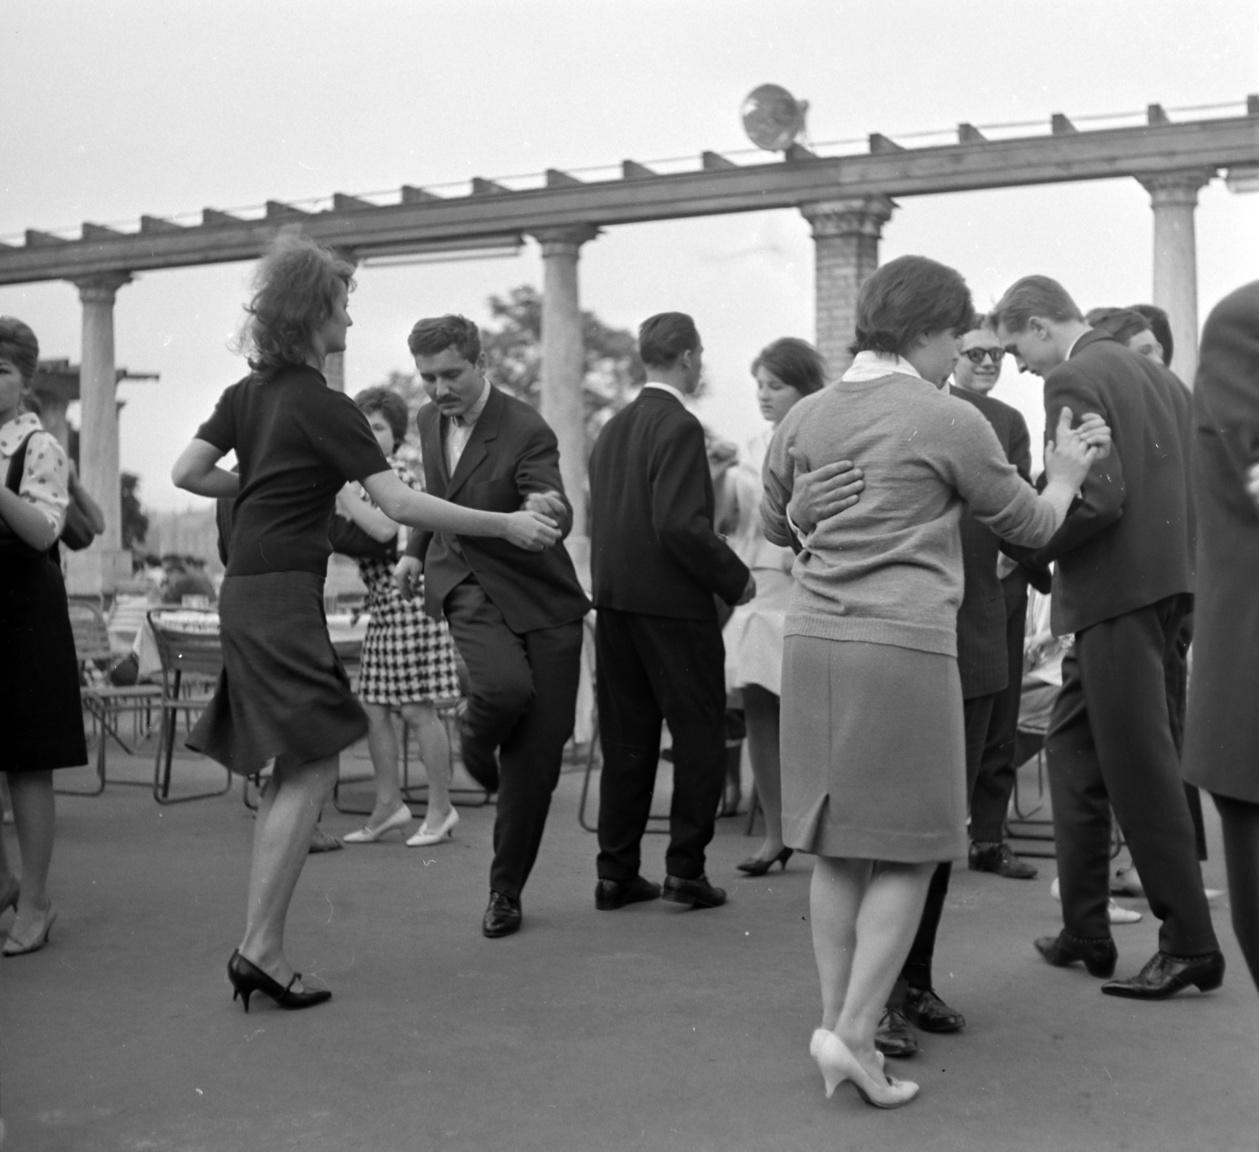 """""""A környezet, az ide csillámló Duna, a szolid társaság, a Nebuló zenekar kitűnő játéka mágnesként vonzotta ide a szórakozni vágyókat"""" – cikkezett a BIP-ről a sajtó a nyitás után."""